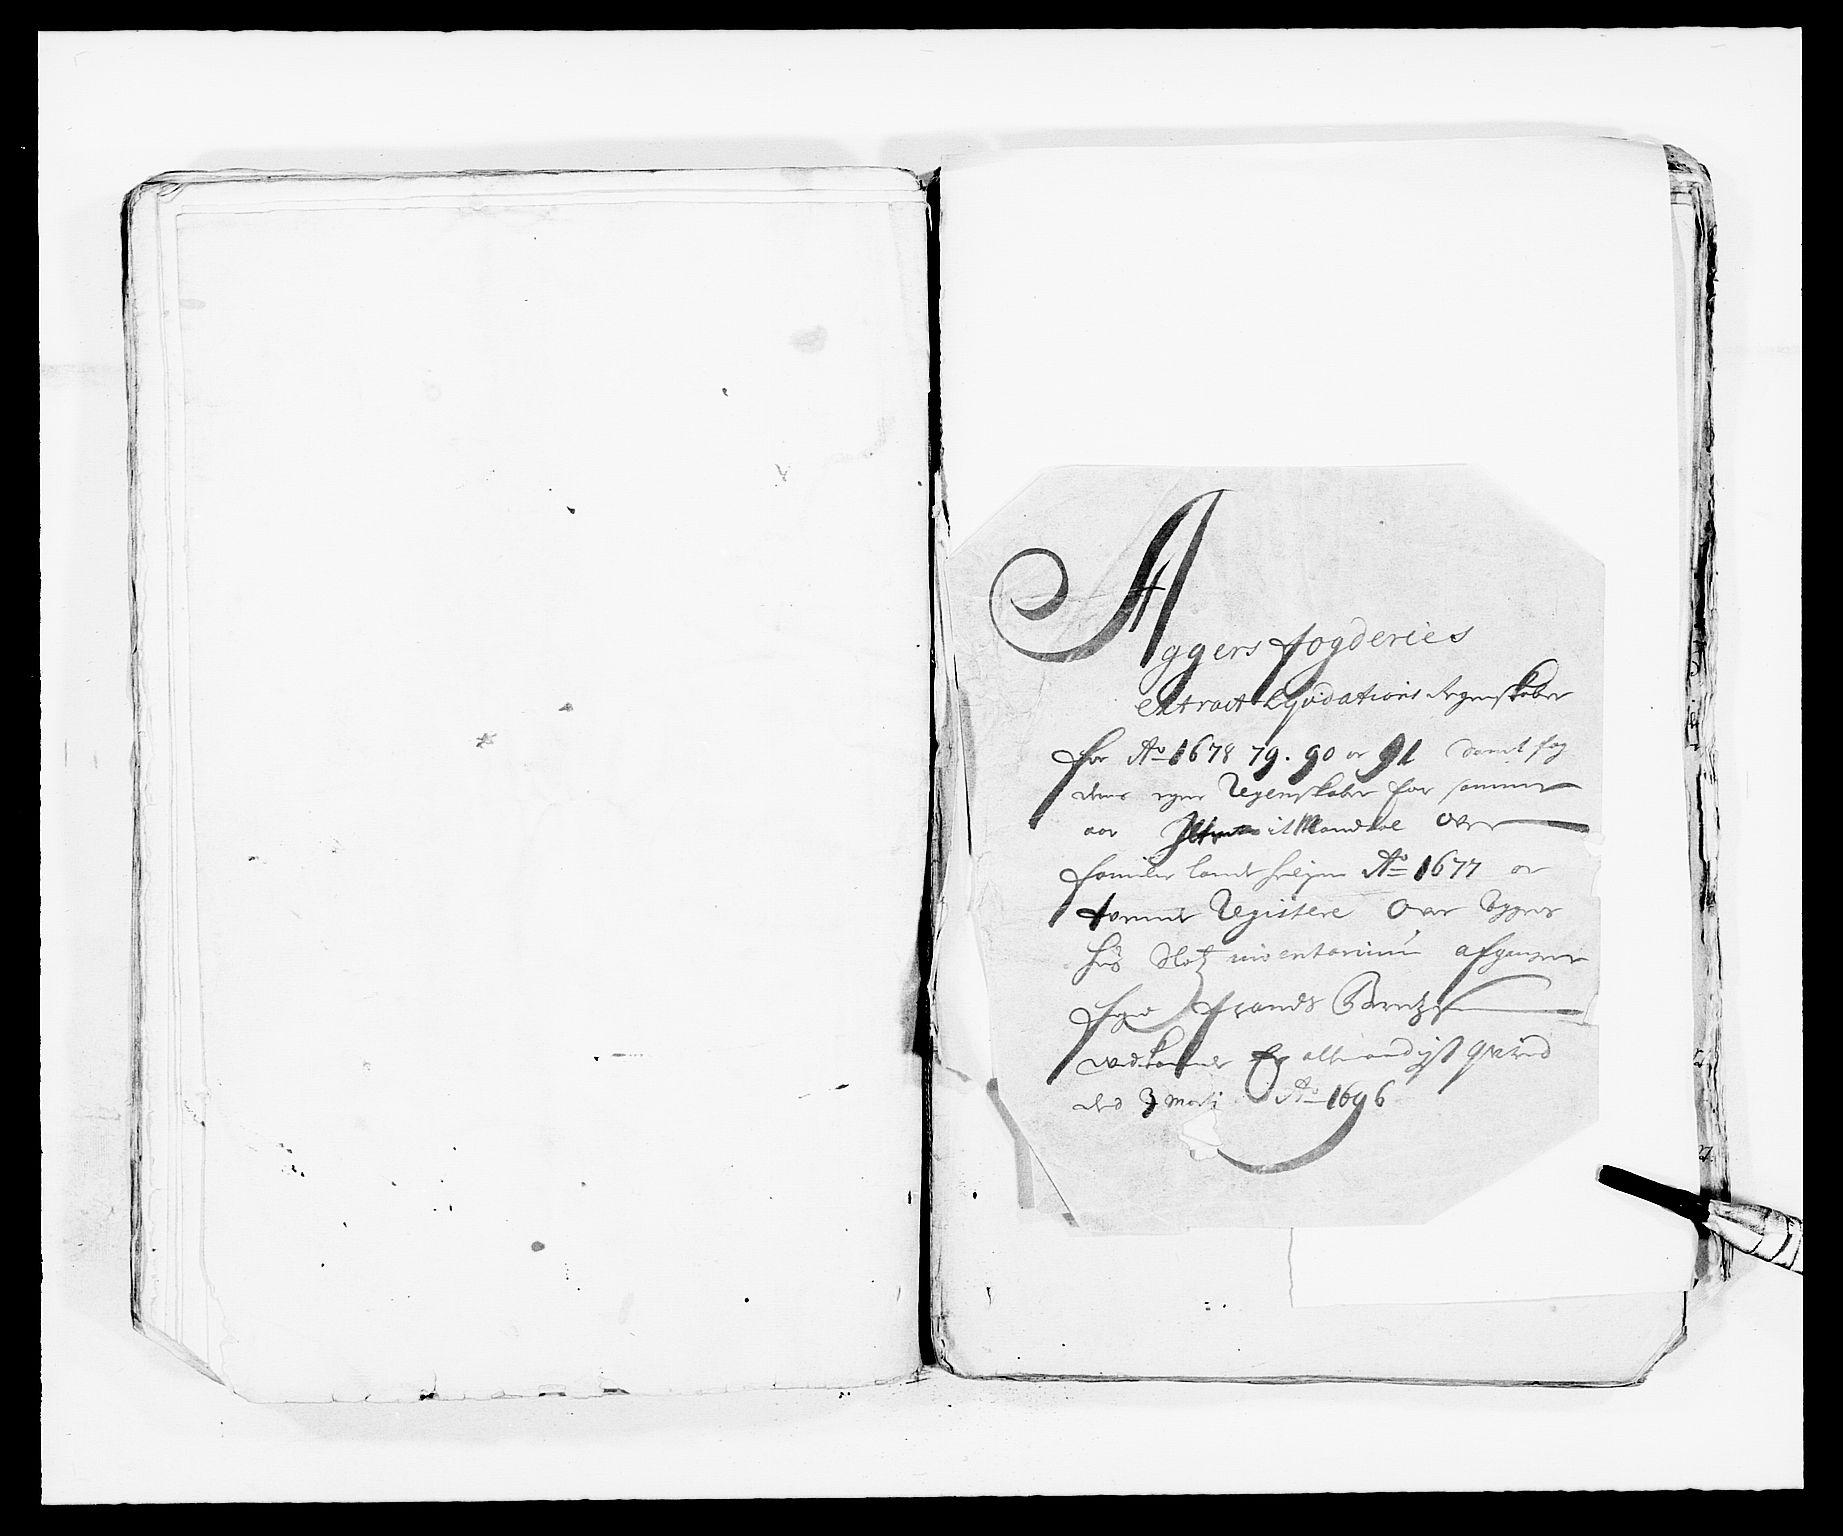 RA, Rentekammeret inntil 1814, Reviderte regnskaper, Fogderegnskap, R08/L0416: Fogderegnskap Aker, 1678-1681, s. 46